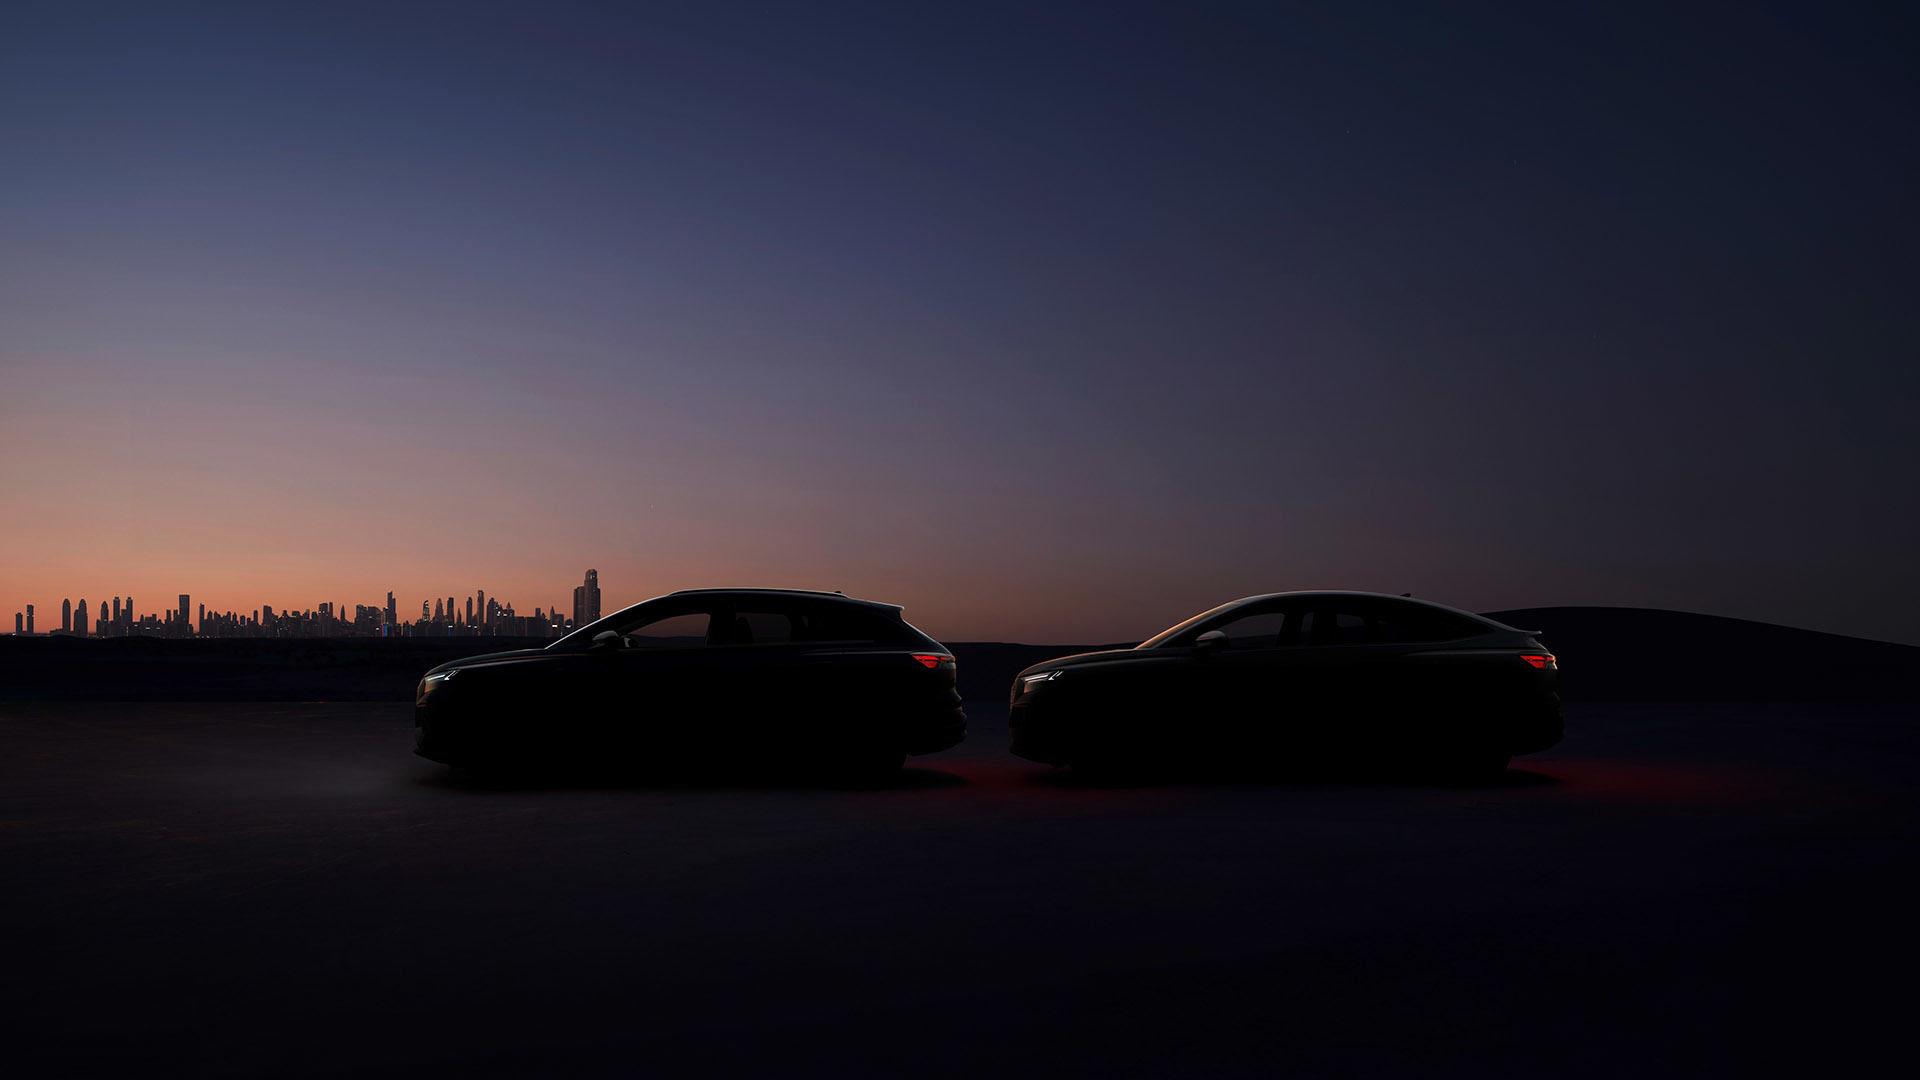 Weltpremiere der Audi Q4 e-tron Modelle: Celebration of Progress